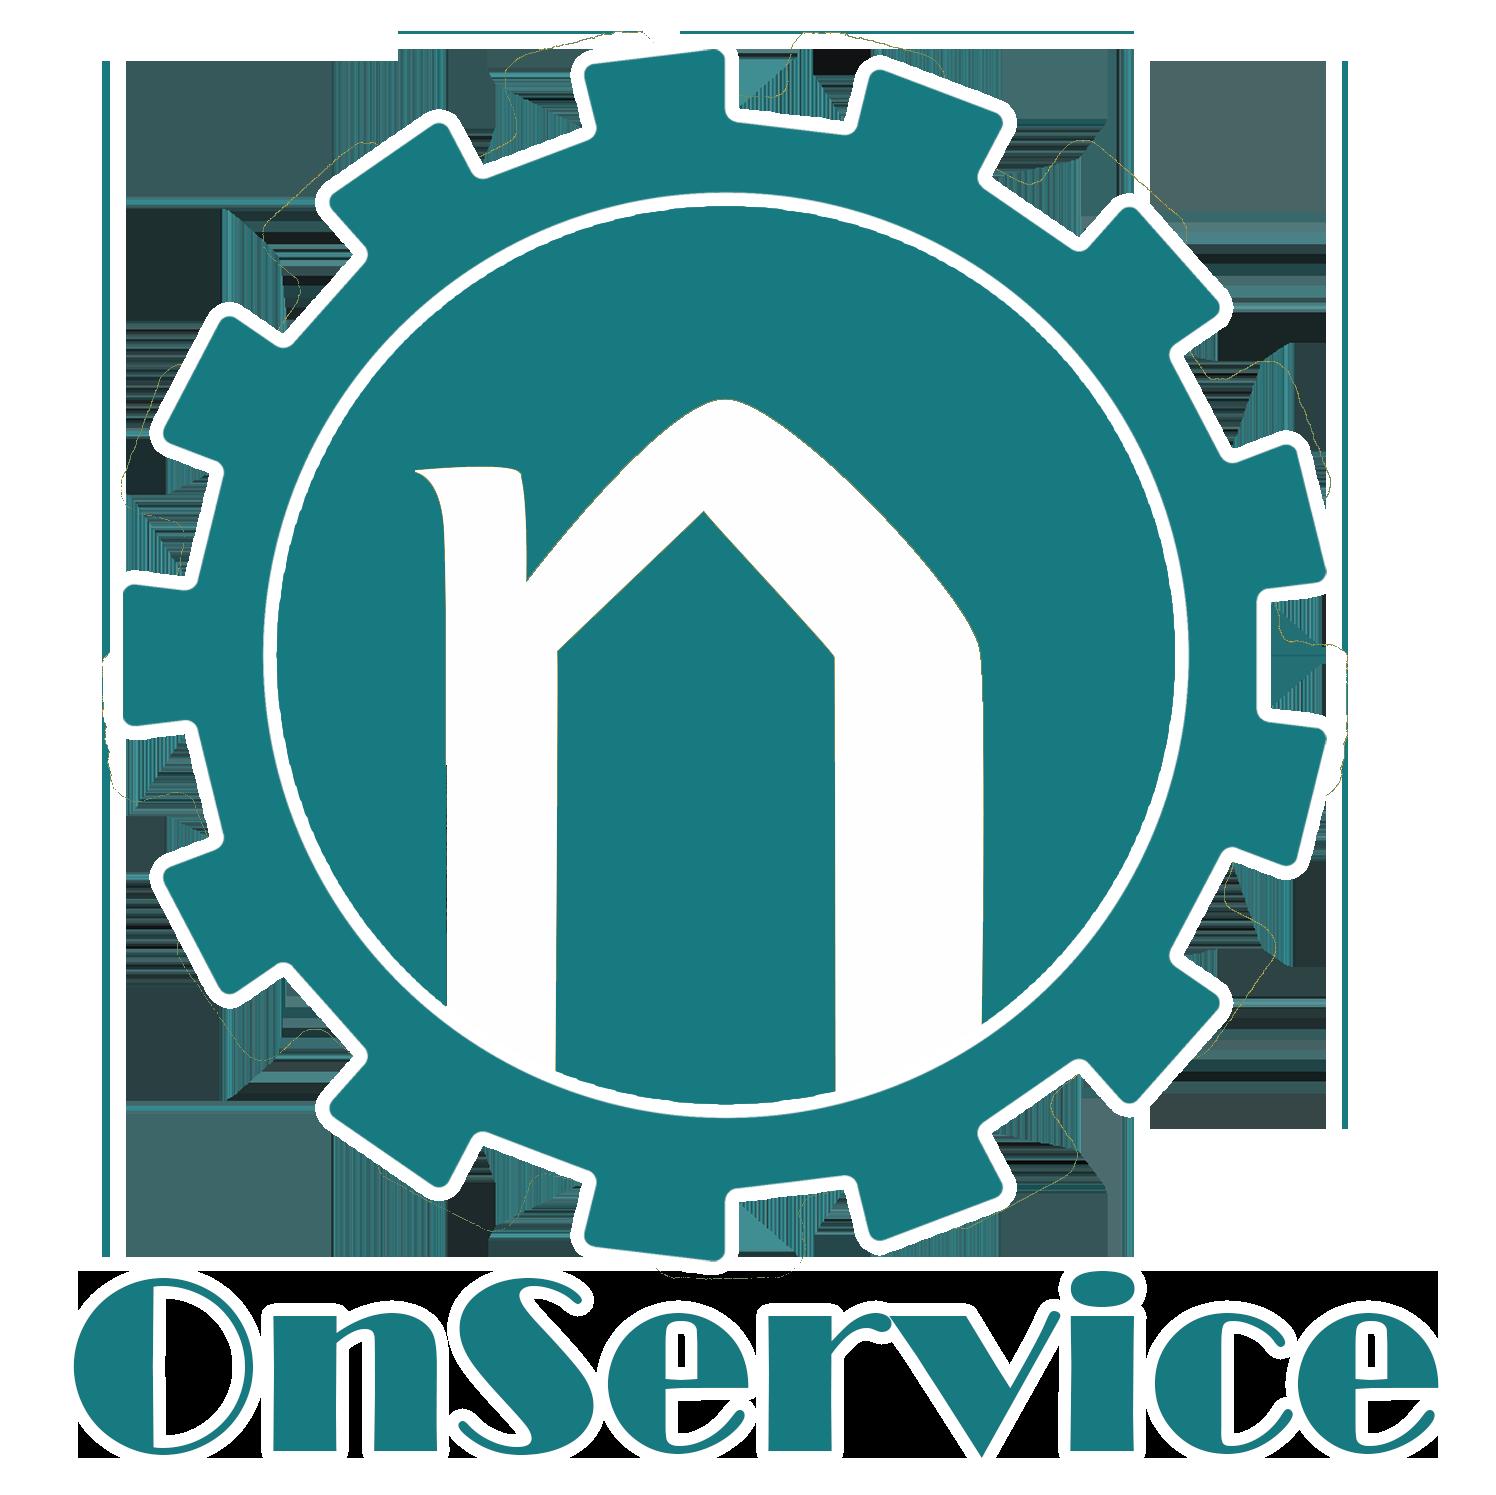 OnService